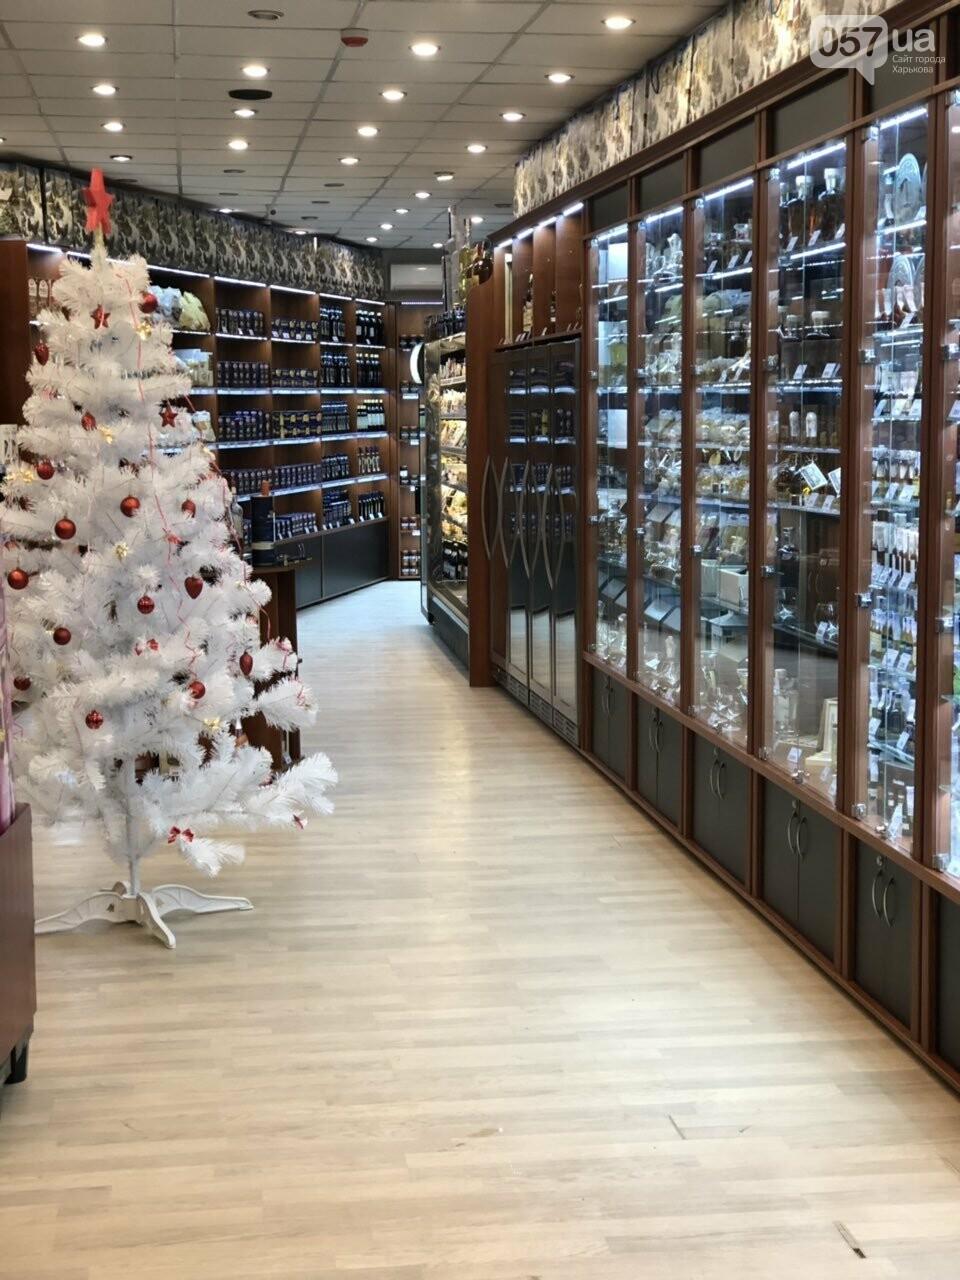 В Харькове открылся новый магазин для самых требовательных гурманов – «Вина мира», фото-3